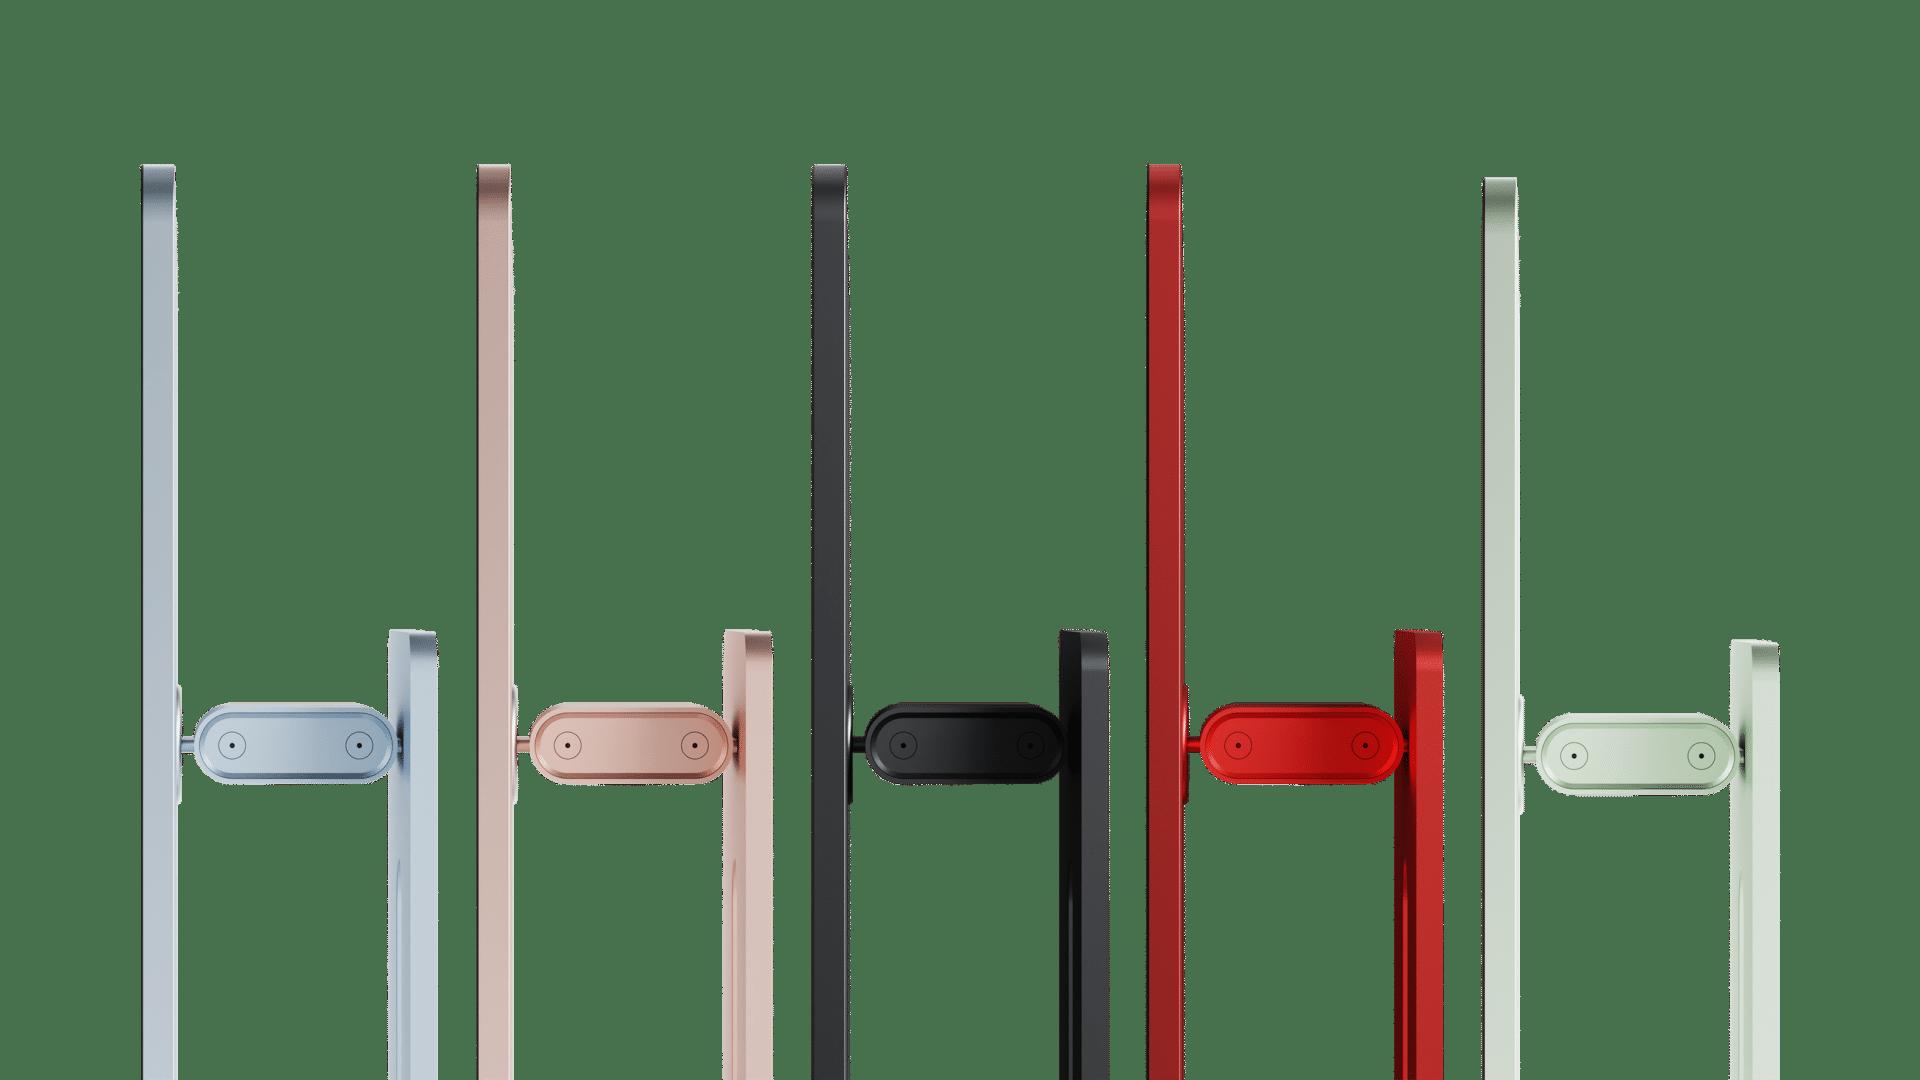 Apple už o pár hodín predstaví niekoľko nových produktov v rámci prvej tohtoročnej udalosti. Existuje malá pravdepodobnosť, že tu uvidíme aj nový iMac s ARM procesorom a výrazným dizajnovým upgradom. Ako by ale mohol vyzerať? To vám ukážeme v nasledujúcom koncepte.